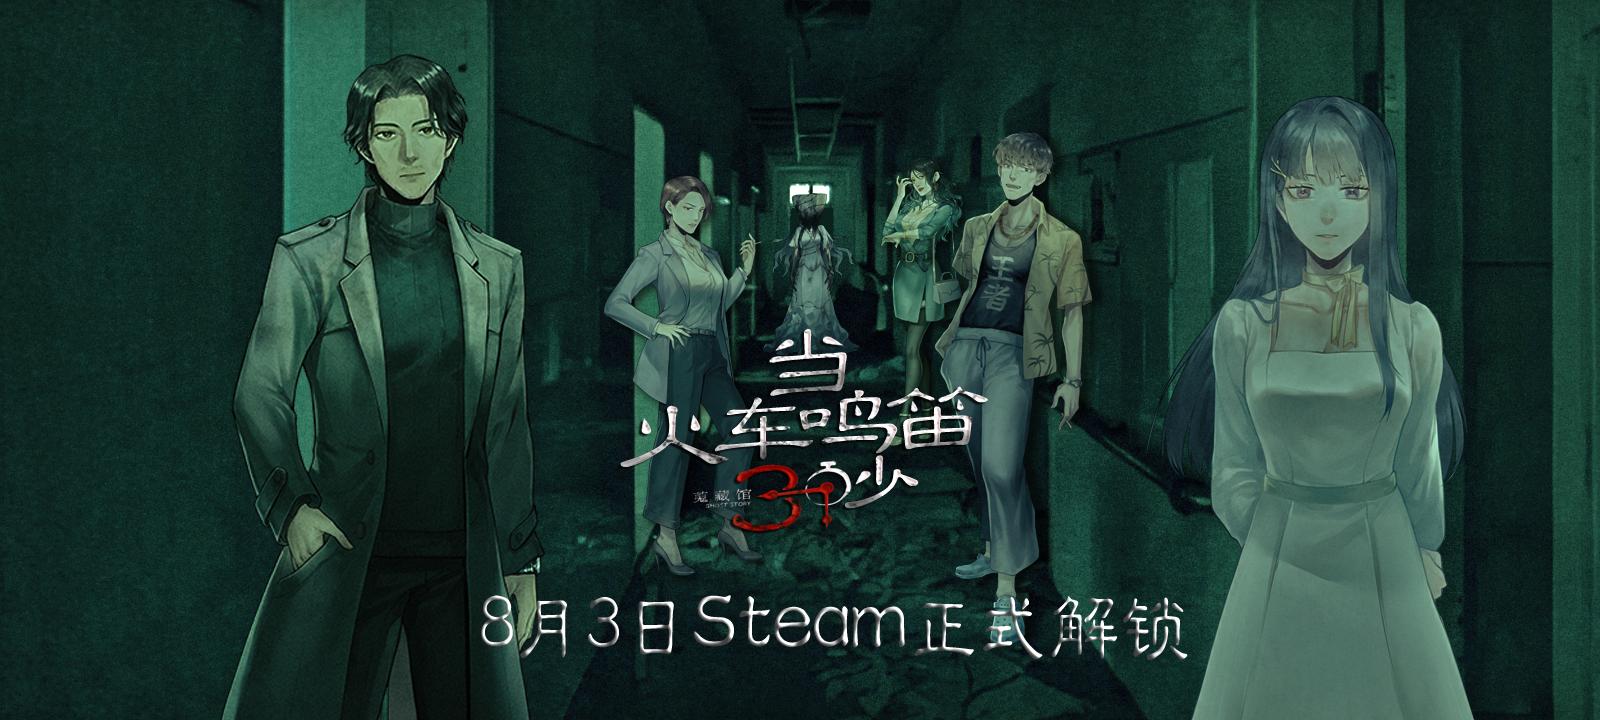 《当火车鸣笛三秒》Steam8月5日正式解锁 现在购买可享九折优惠